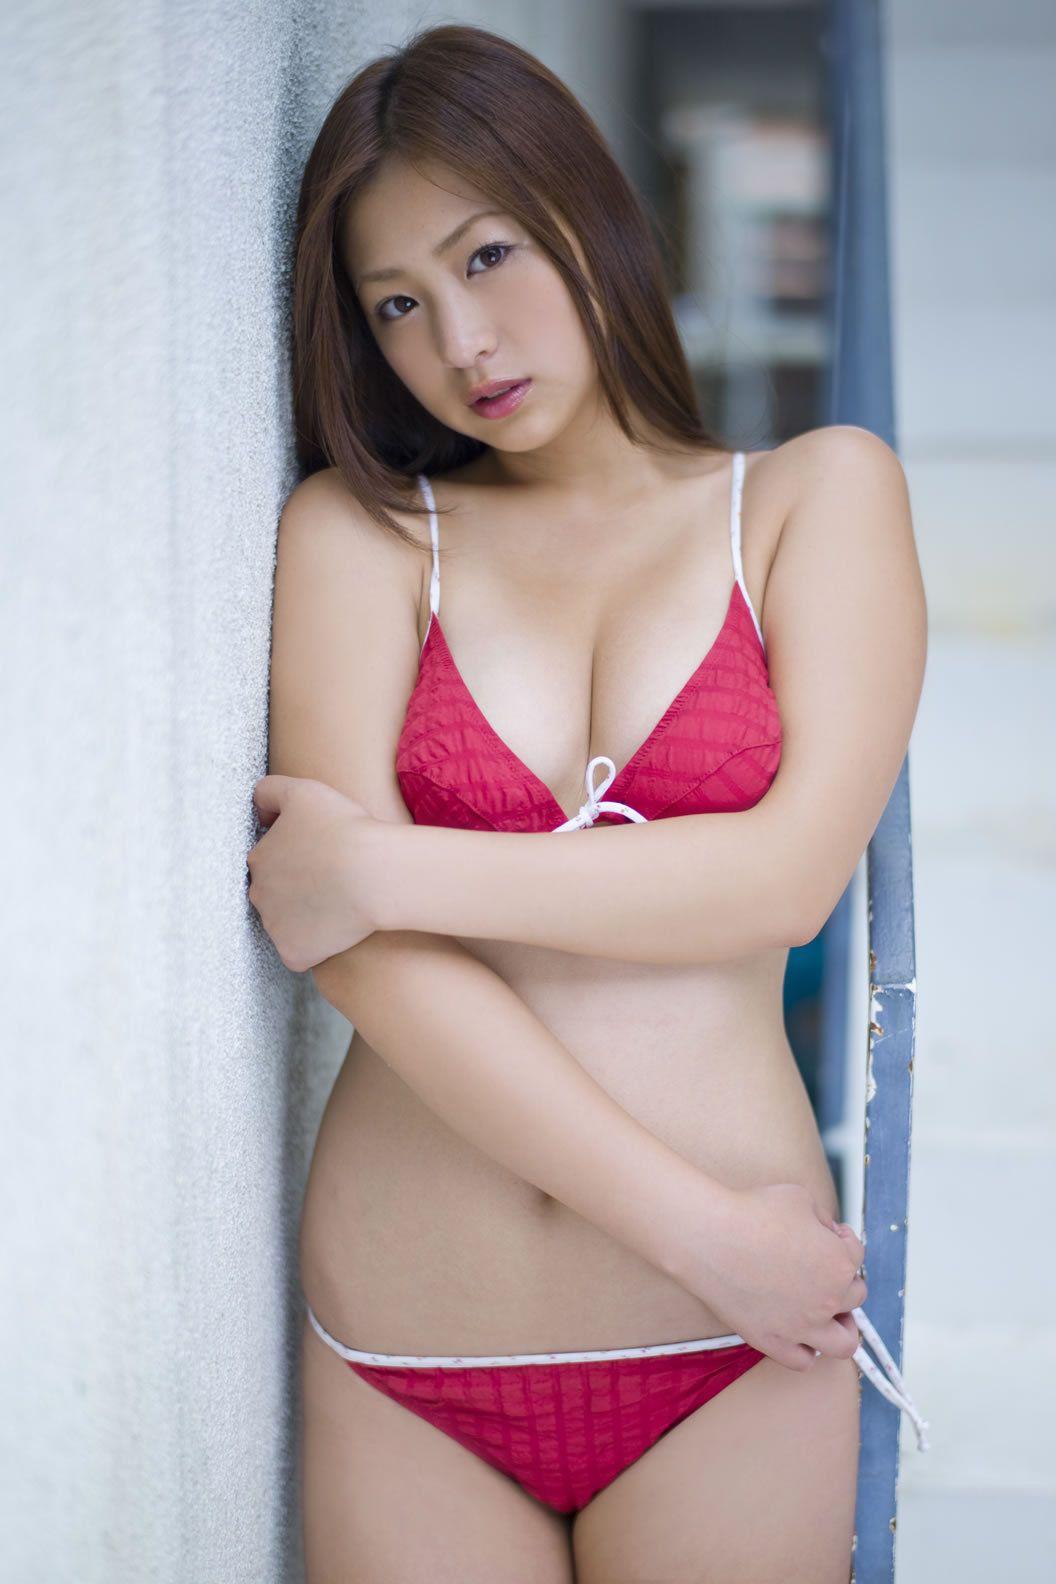 Ayaka Sayama (b. 1993) nude photos 2019